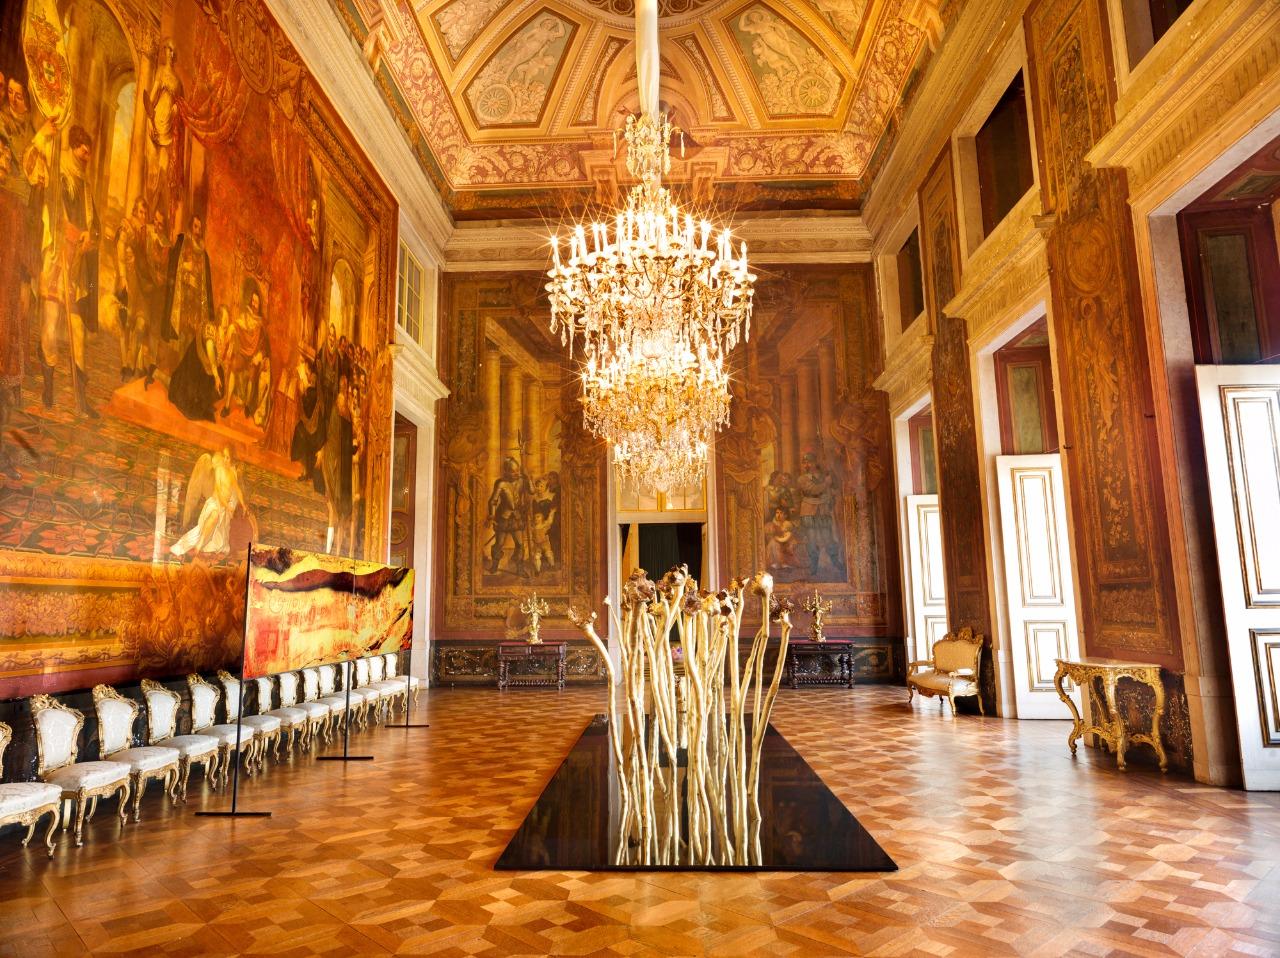 Royal Love, Pintura Rupestre Alto de Mariana - King João IV Hall